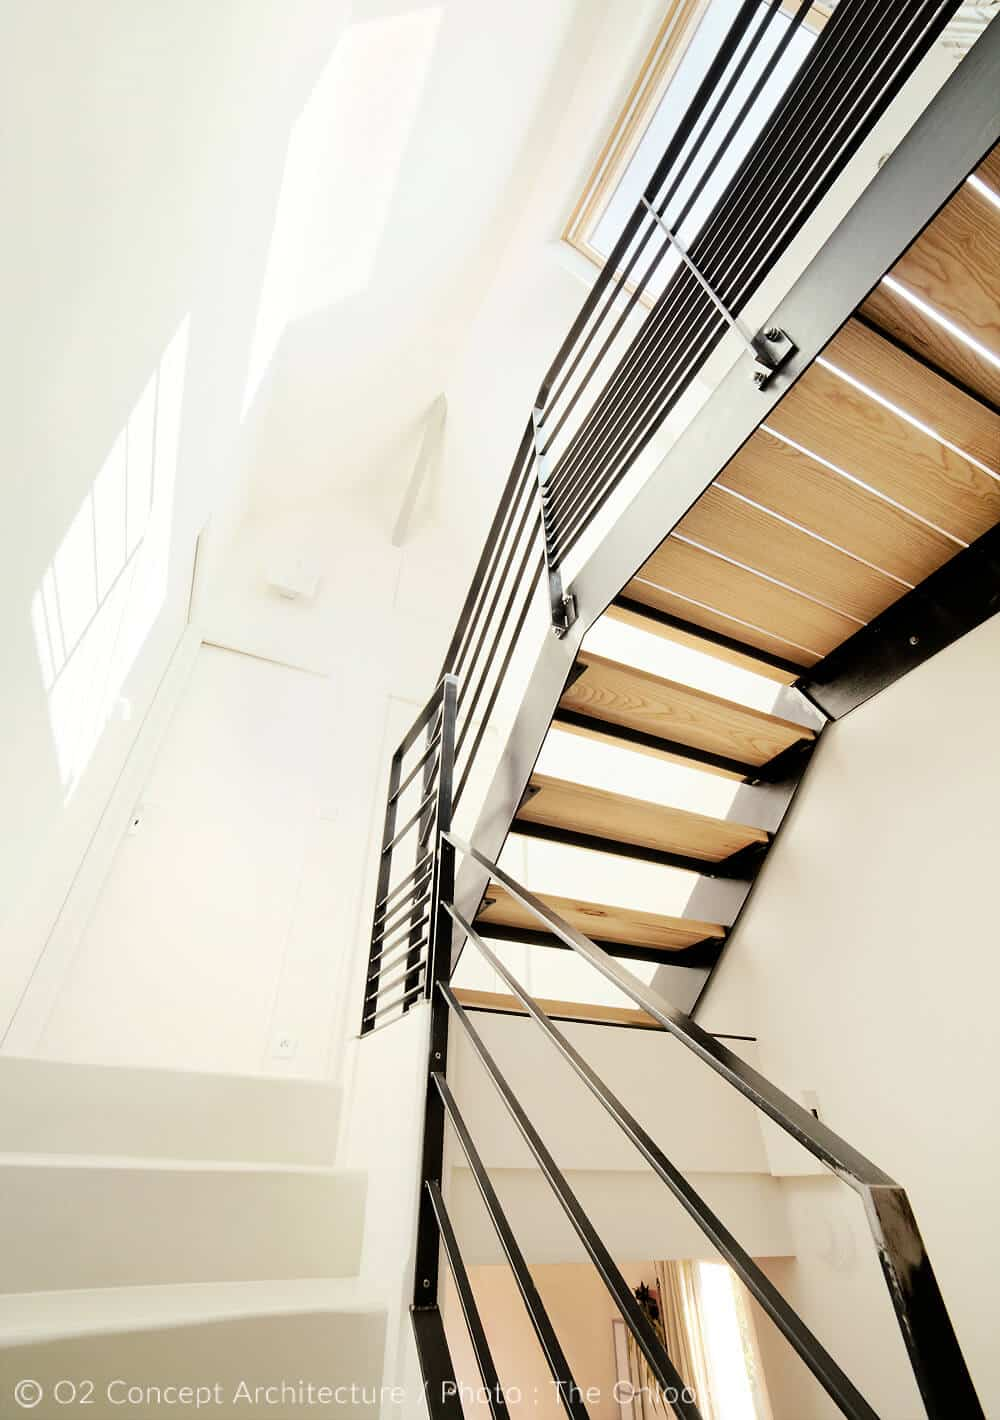 Maison Avec Passerelle Intérieure rénovation - o2 concept architecture